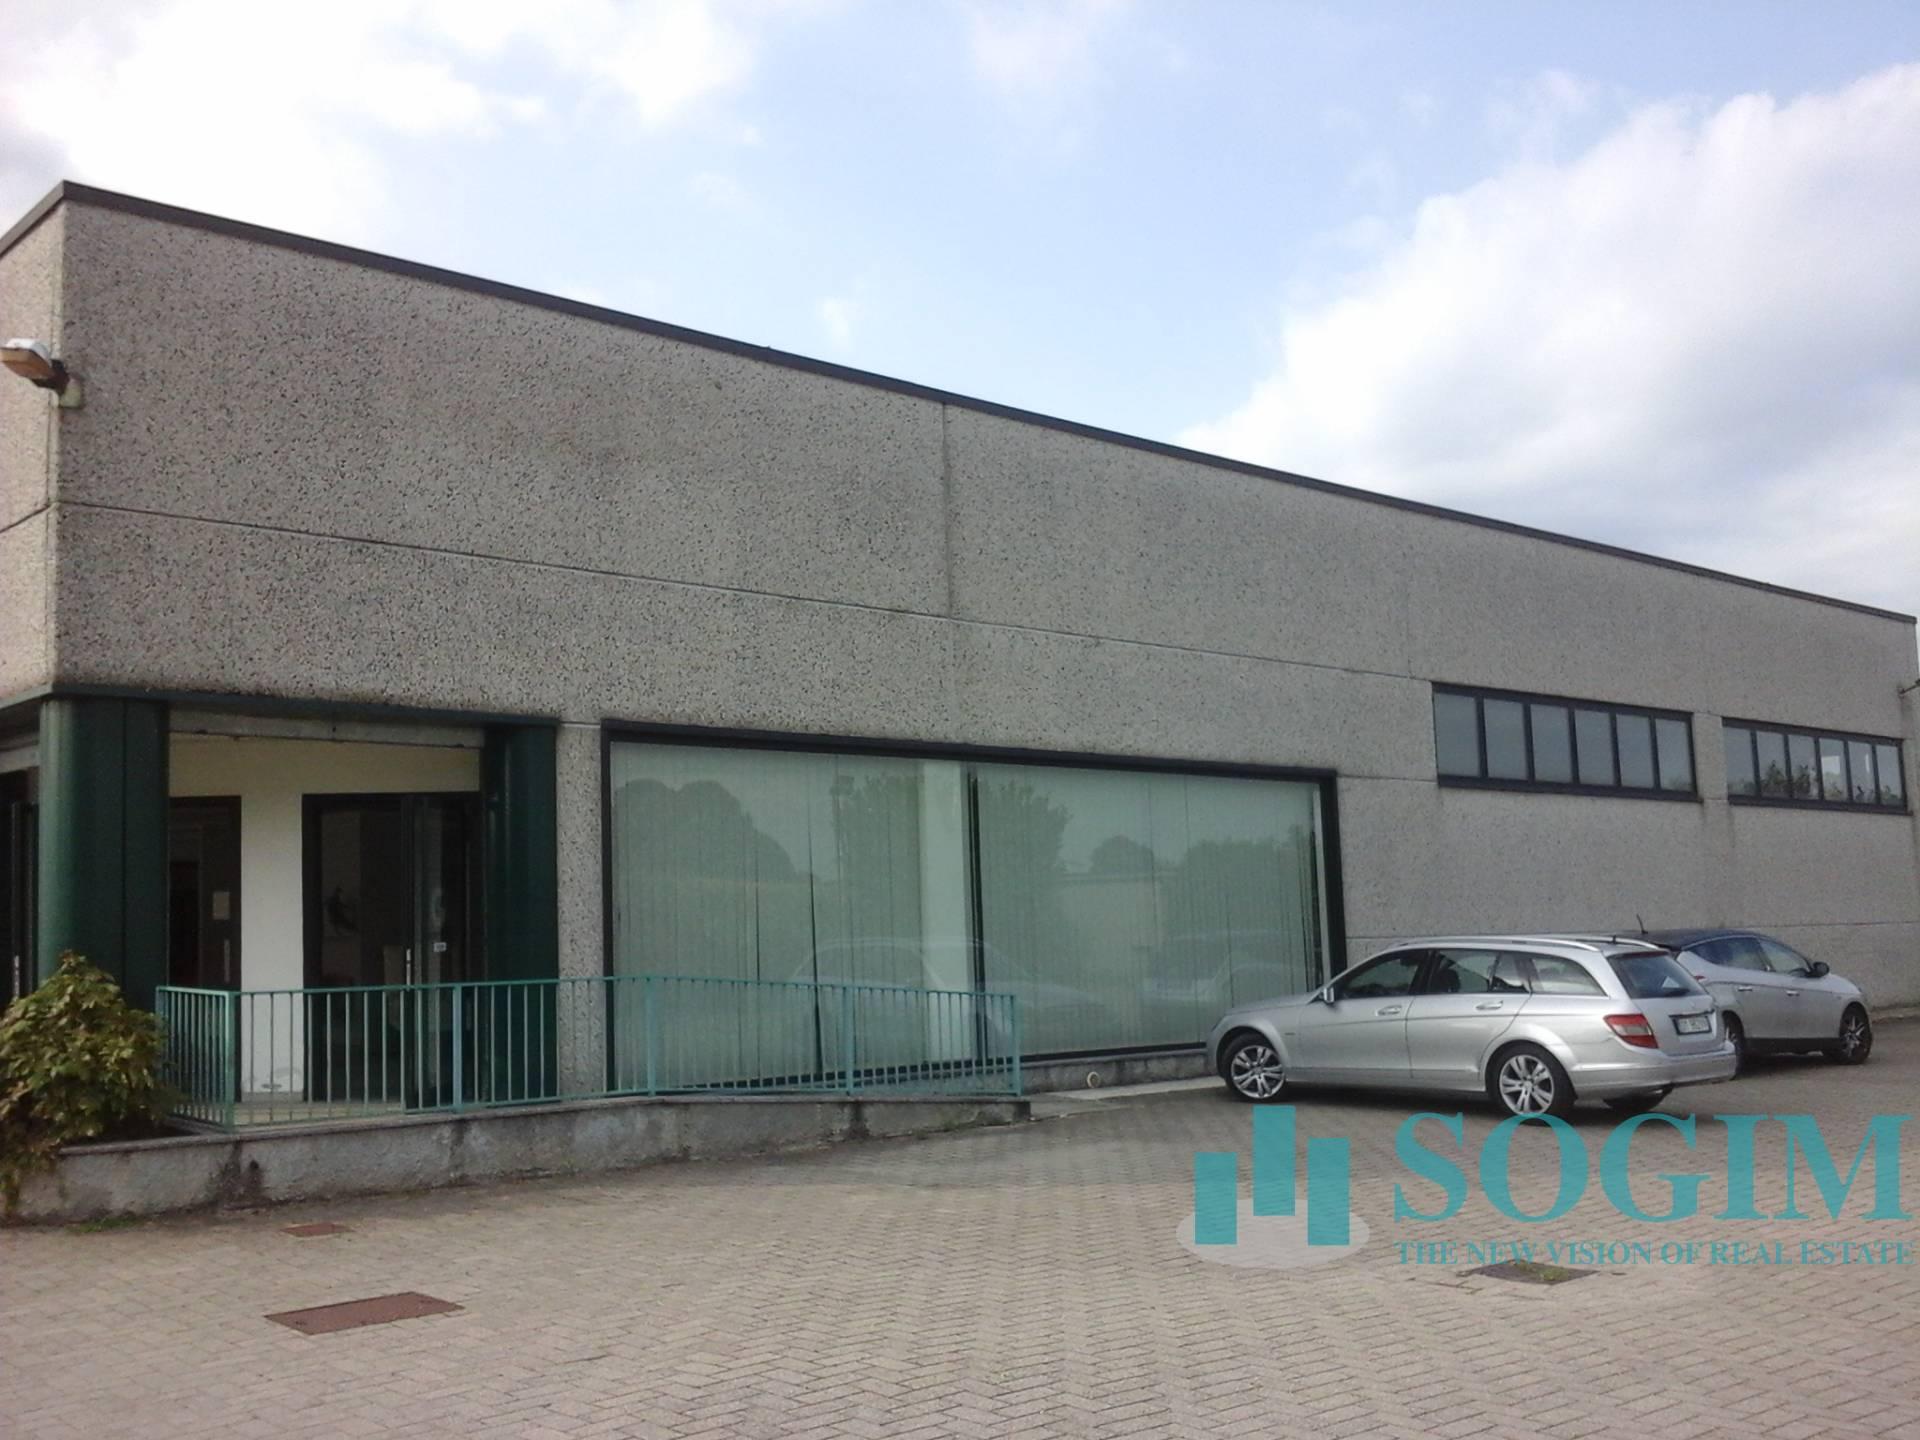 Negozio / Locale in vendita a Robecco sul Naviglio, 9999 locali, prezzo € 1.500.000 | PortaleAgenzieImmobiliari.it